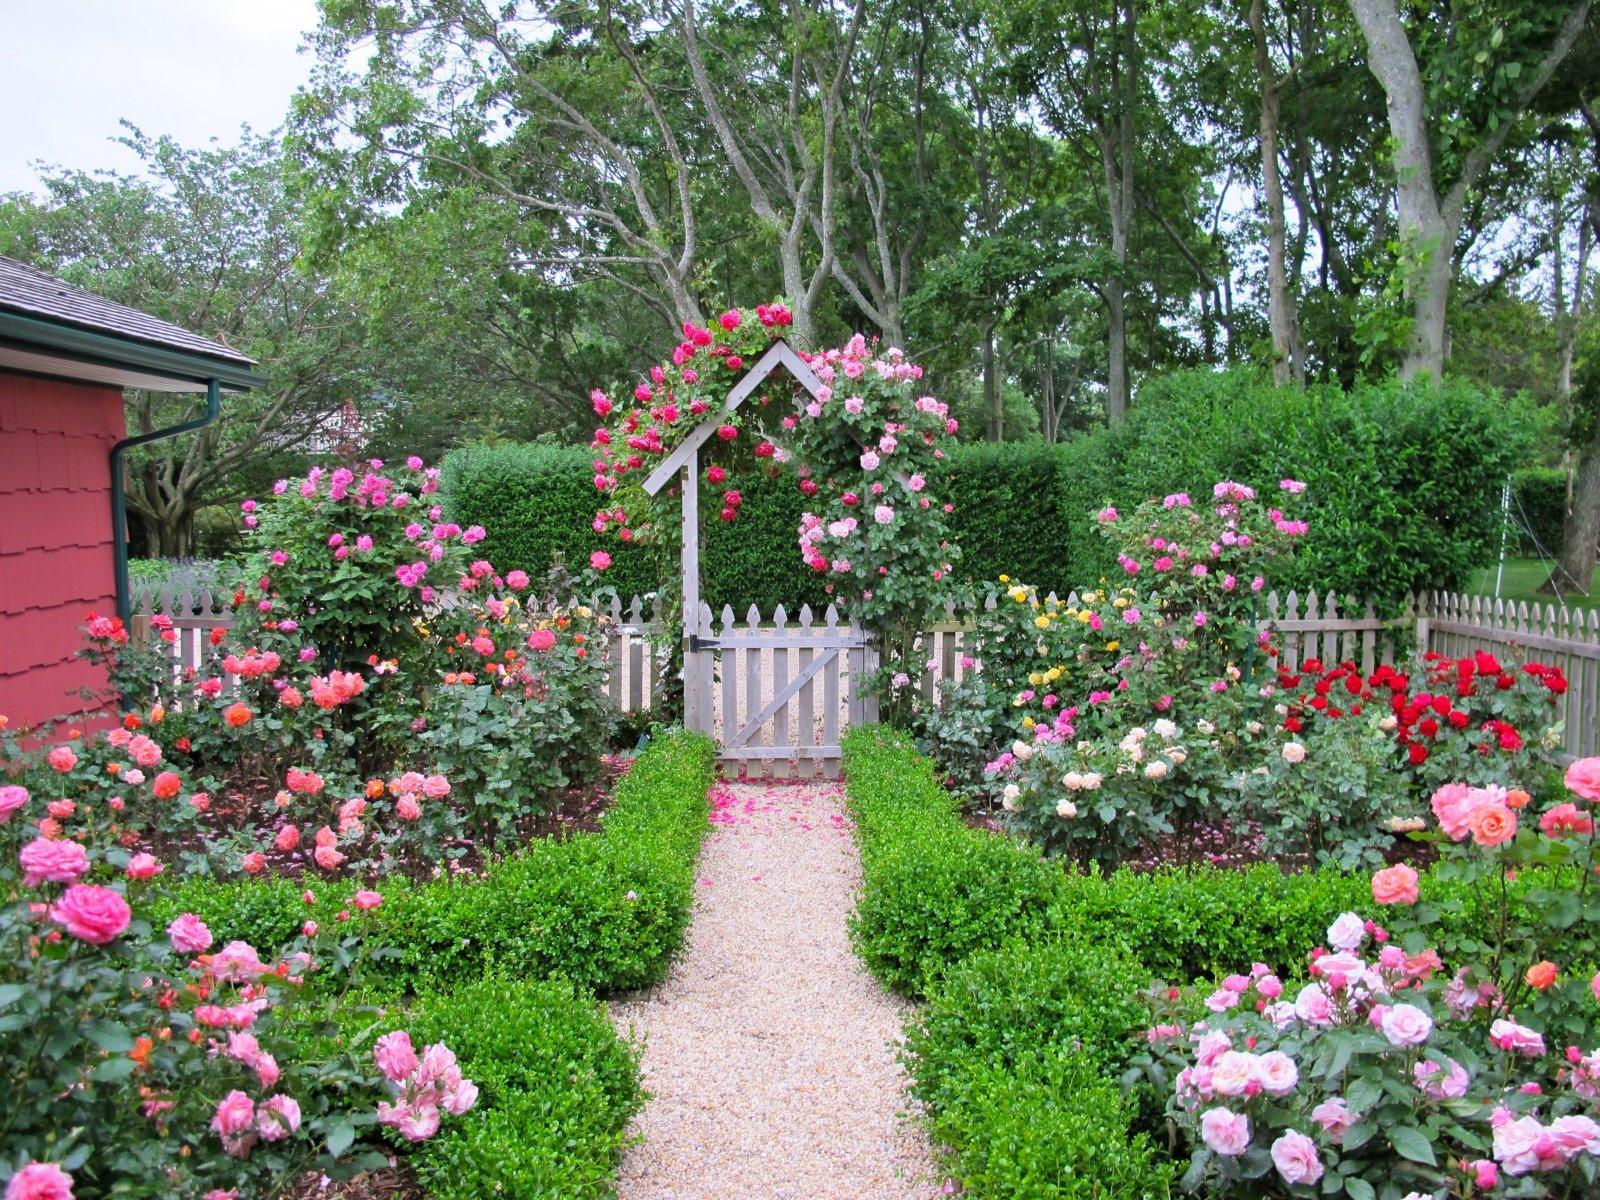 русская дизайн сада цветами своими руками фото градостроительному единый